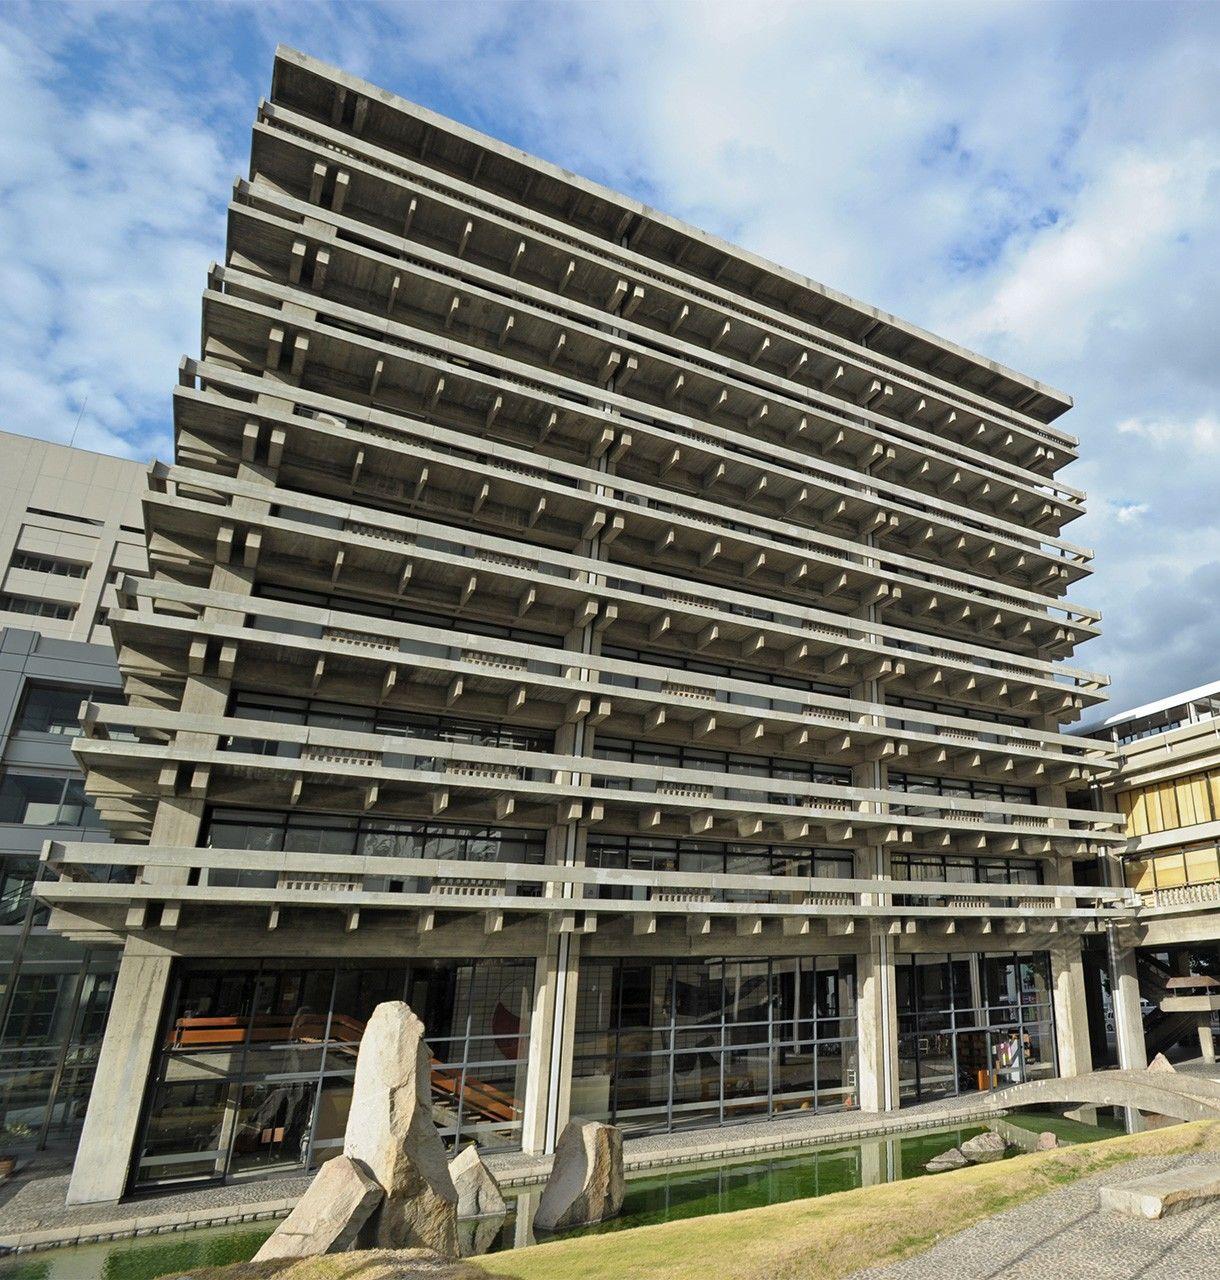 Восточное крыло здания управления префектуры Кагава (бывший главный корпус), построенное в 1958 году. Конструкция с применением бетонных балок выполнена в стиле традиционных деревянных построек (© Jiji)